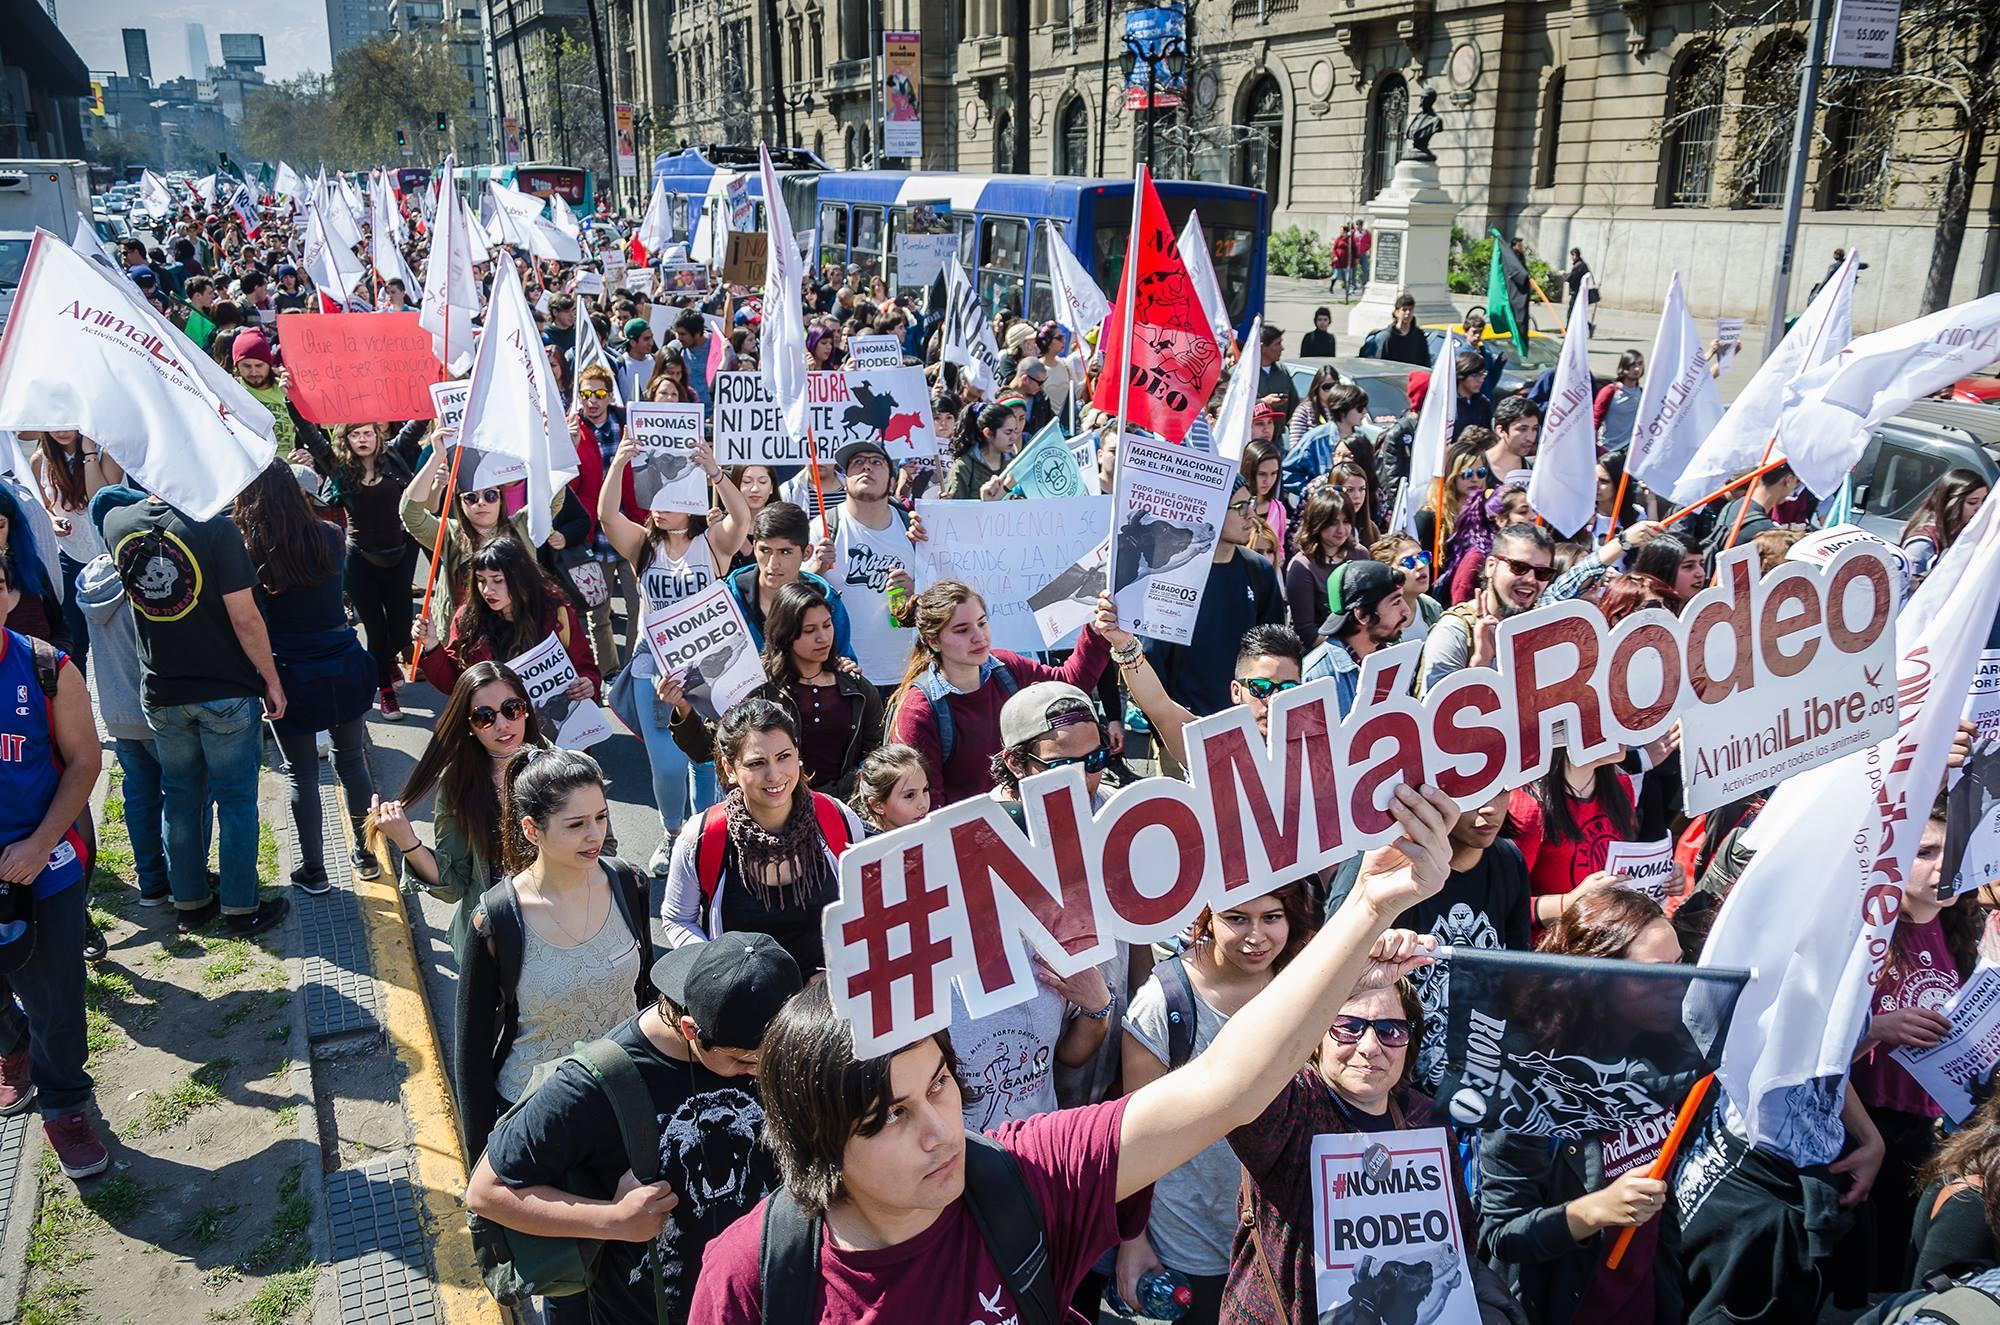 Convocan a «banderazo» para exigir el fin del rodeo en Santiago